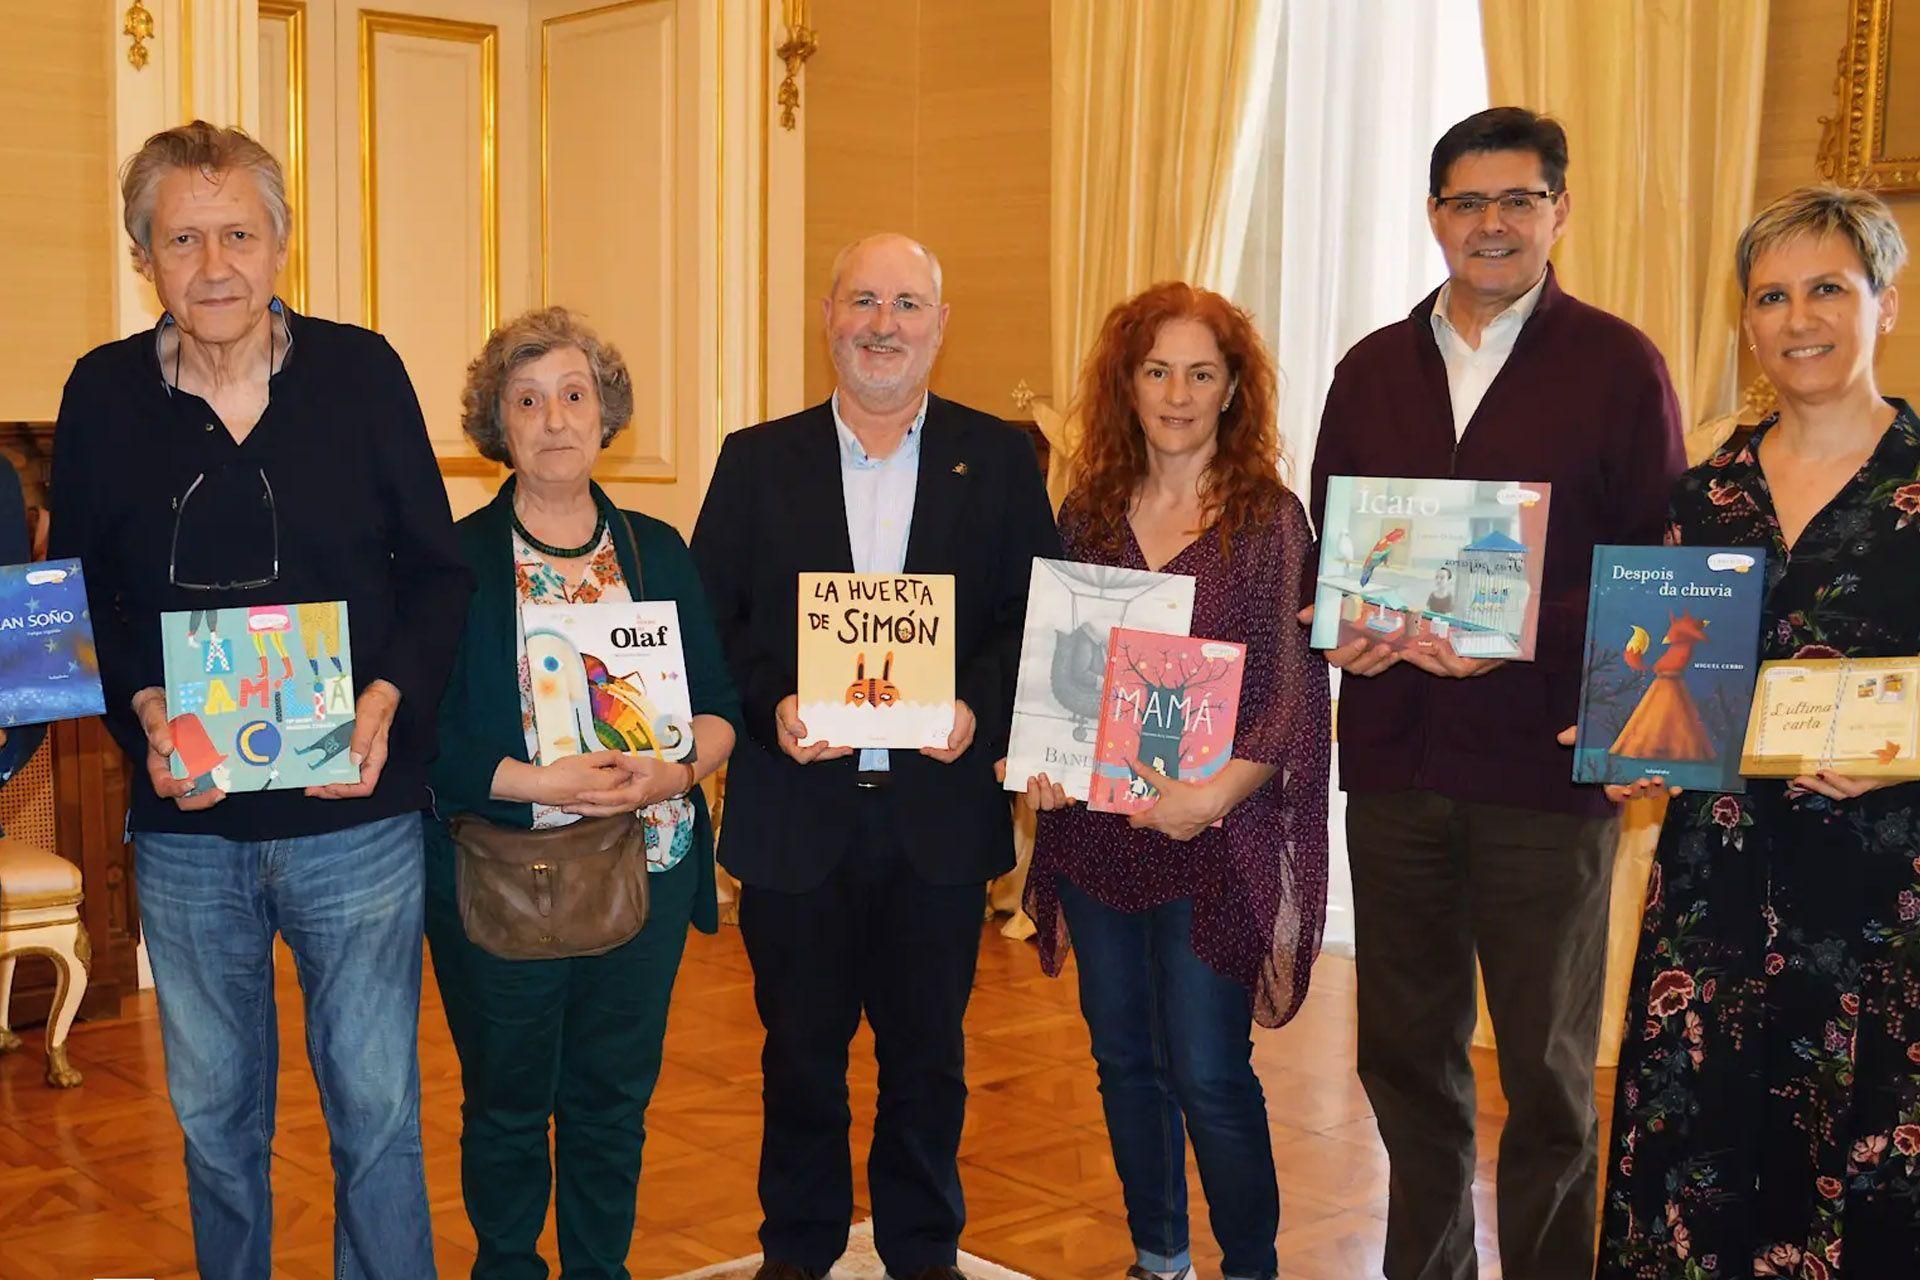 Convocatoria del XII Premio Compostela de Álbum Ilustrado